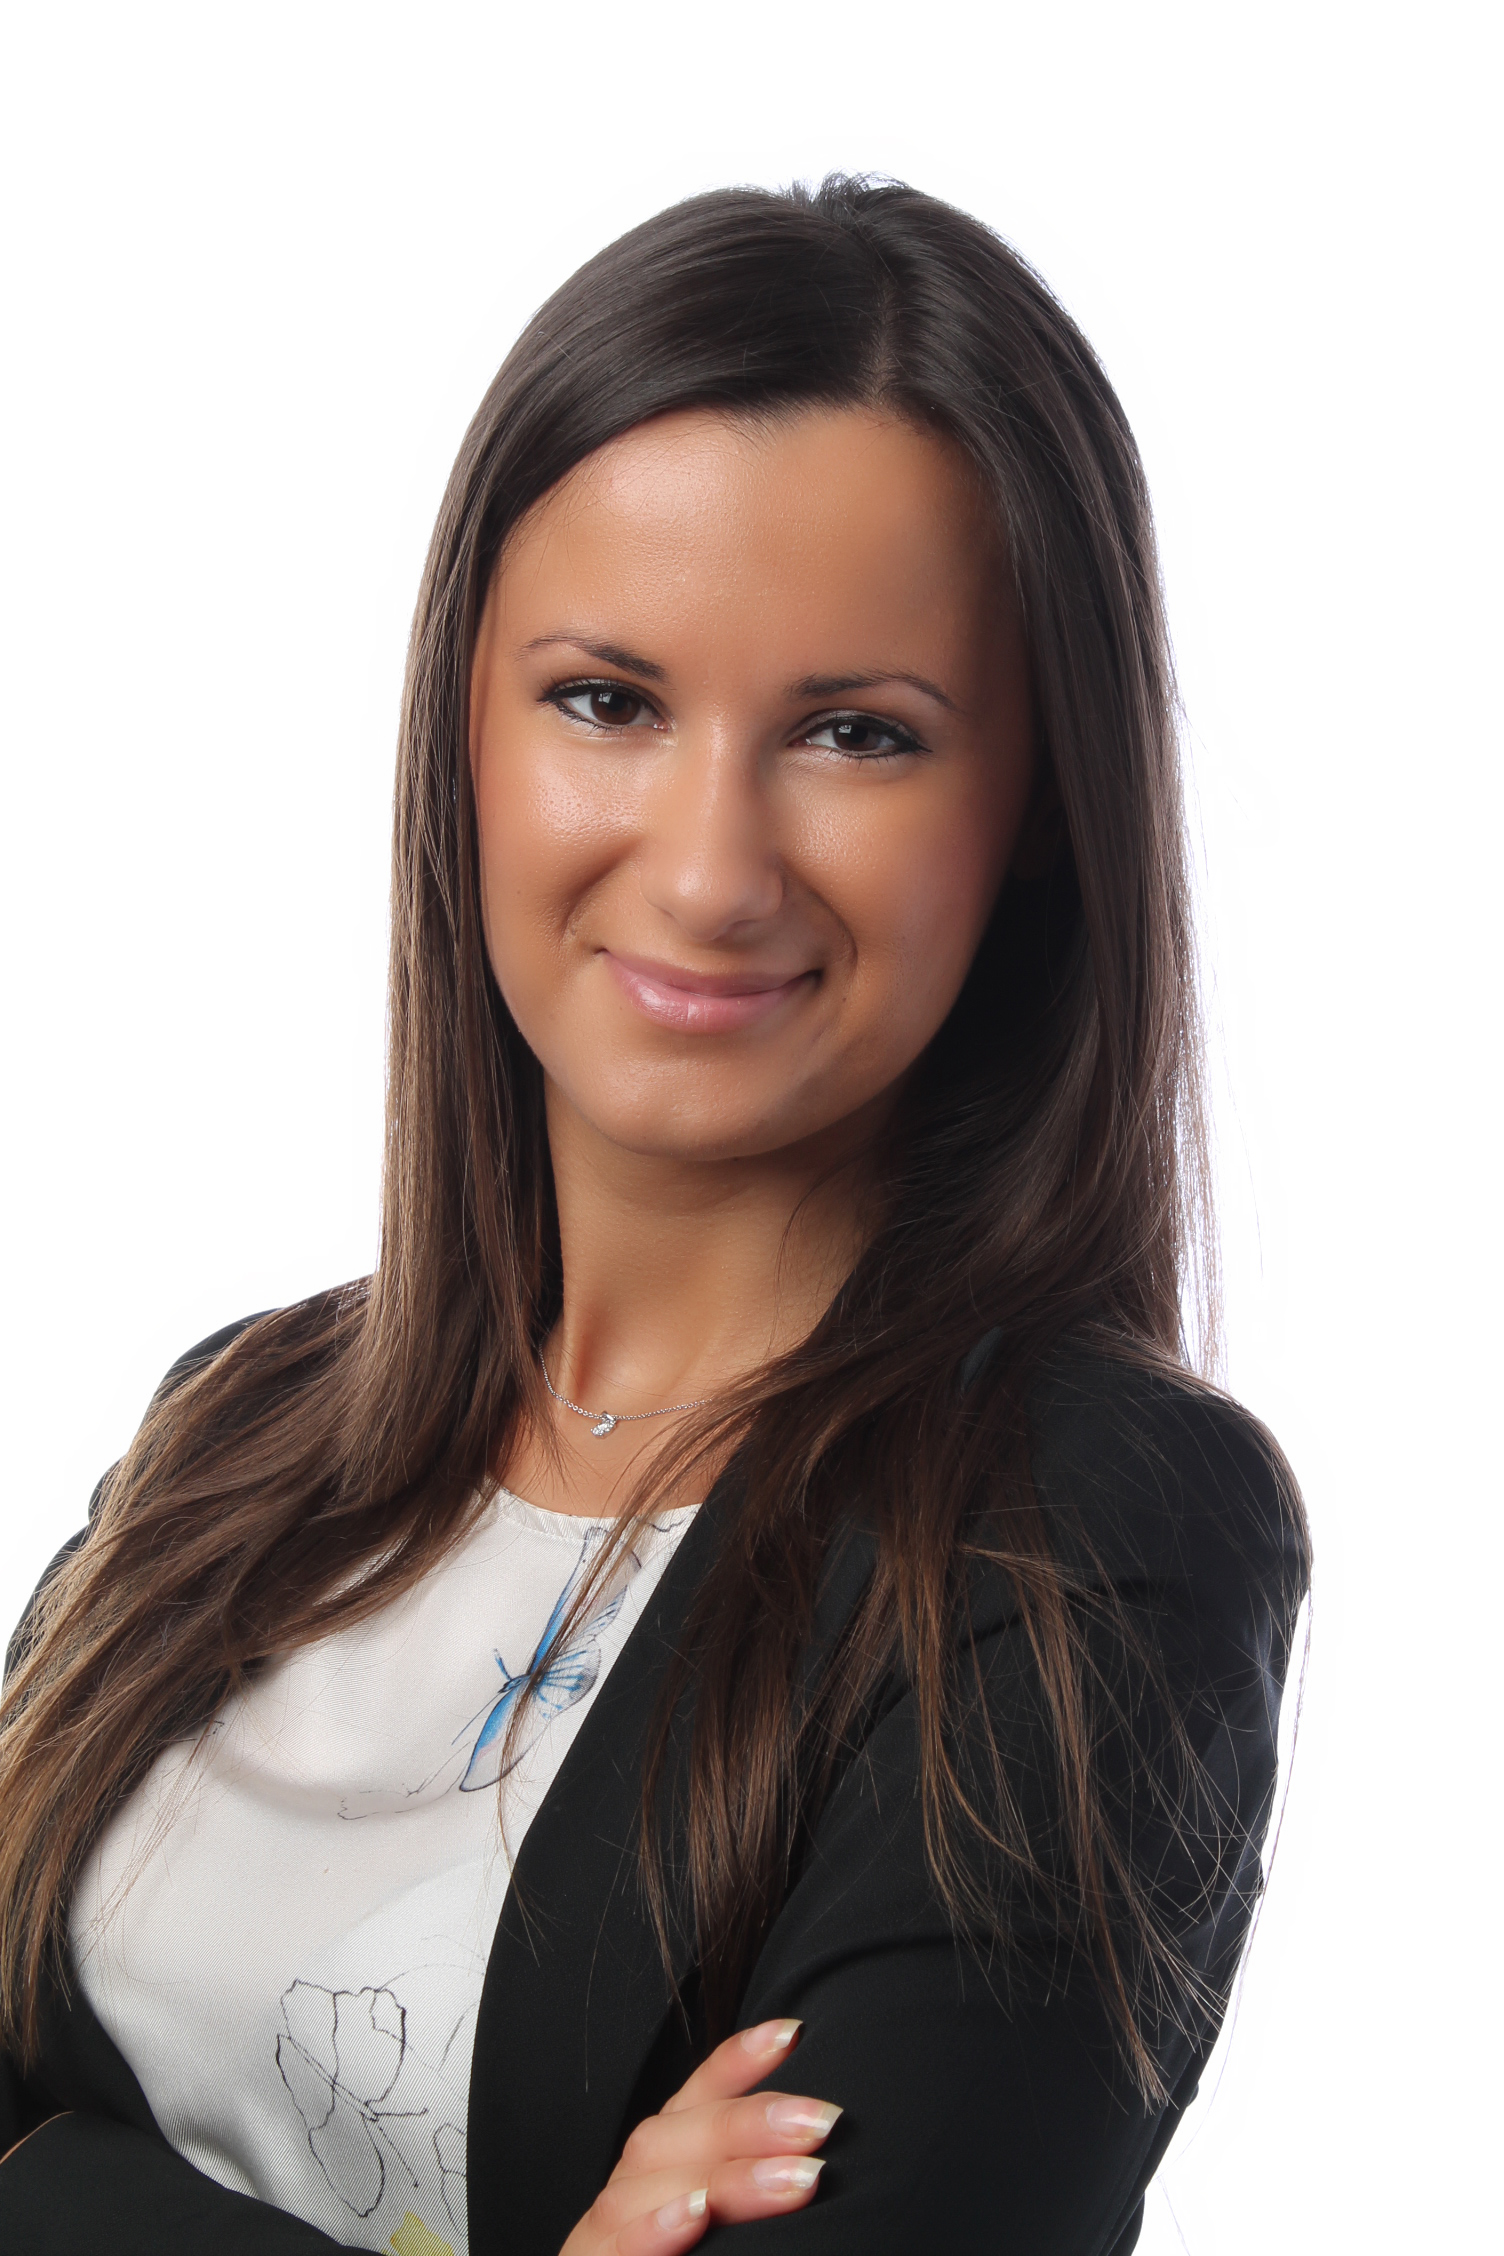 Laura Acqualagna